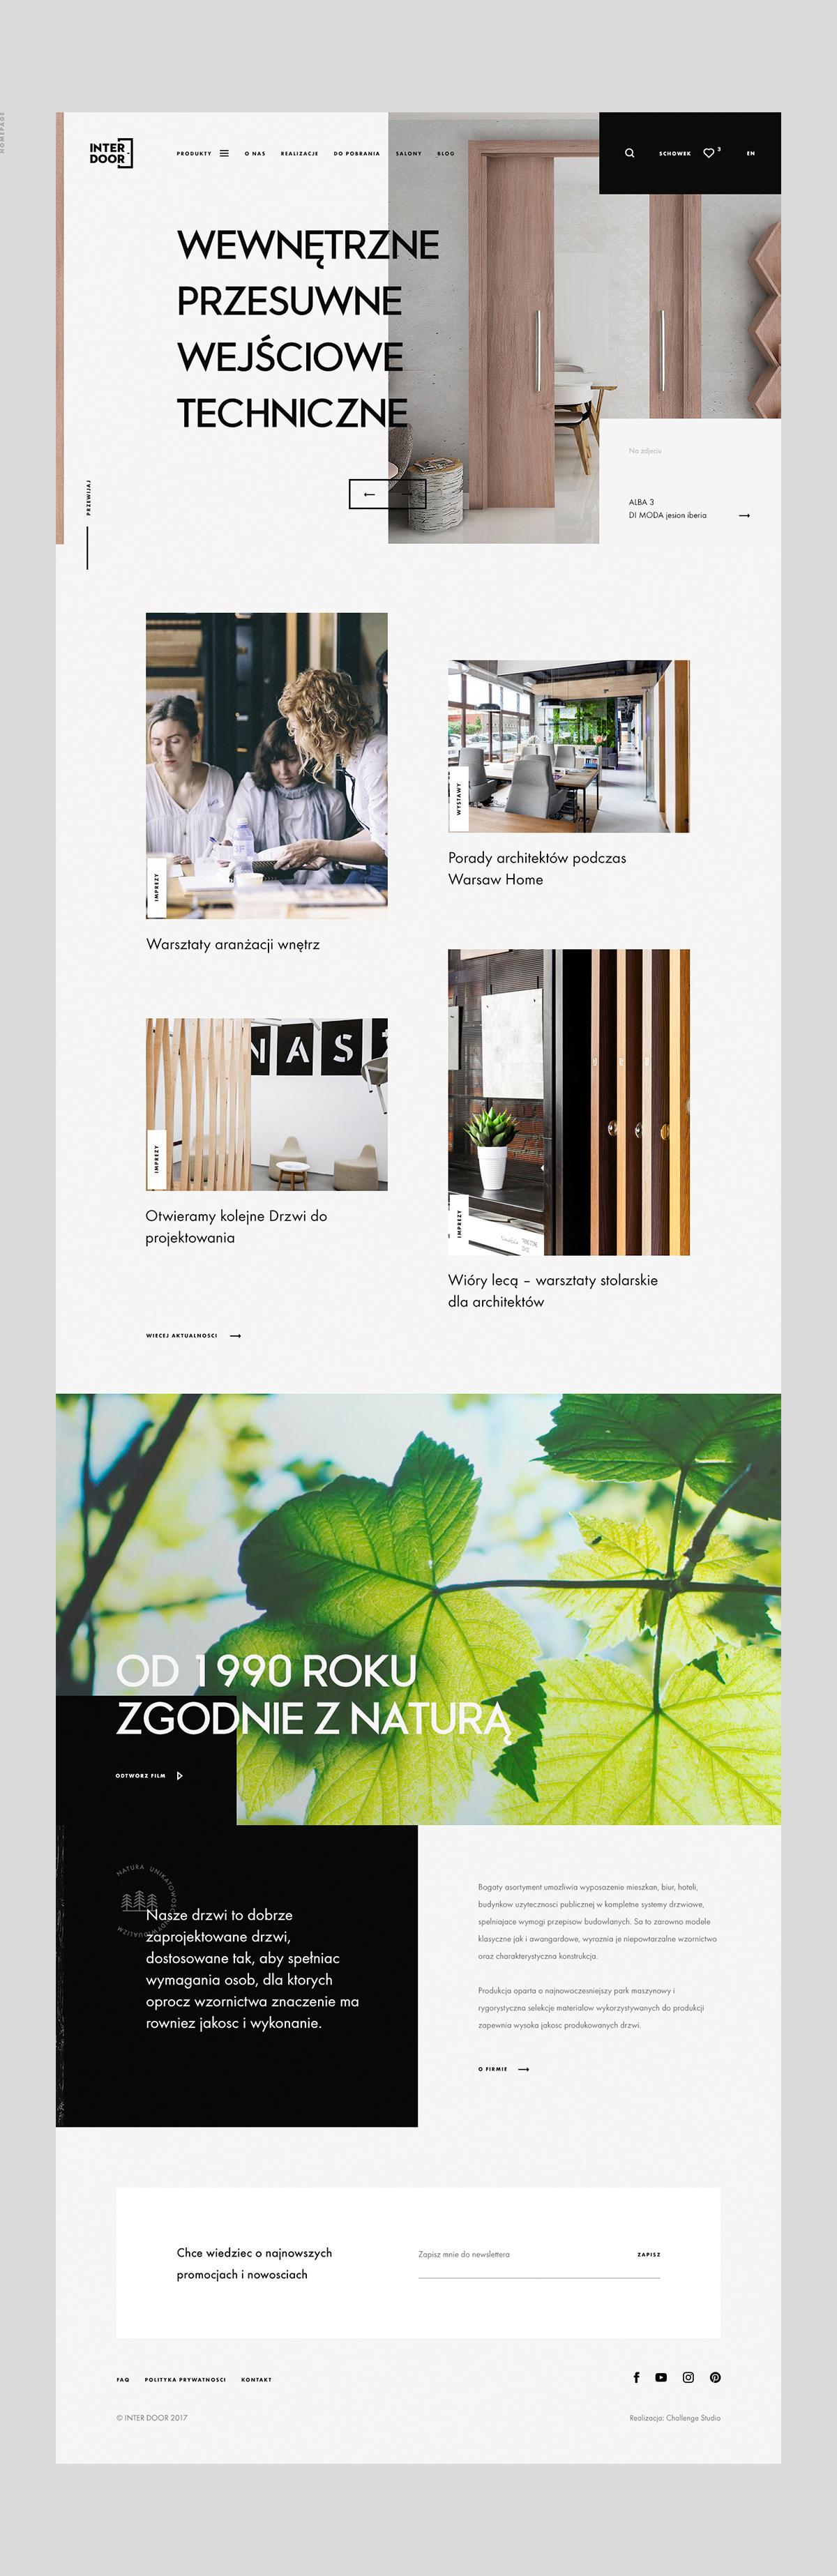 challenge light door design Interior clean rwd leaflet Nature